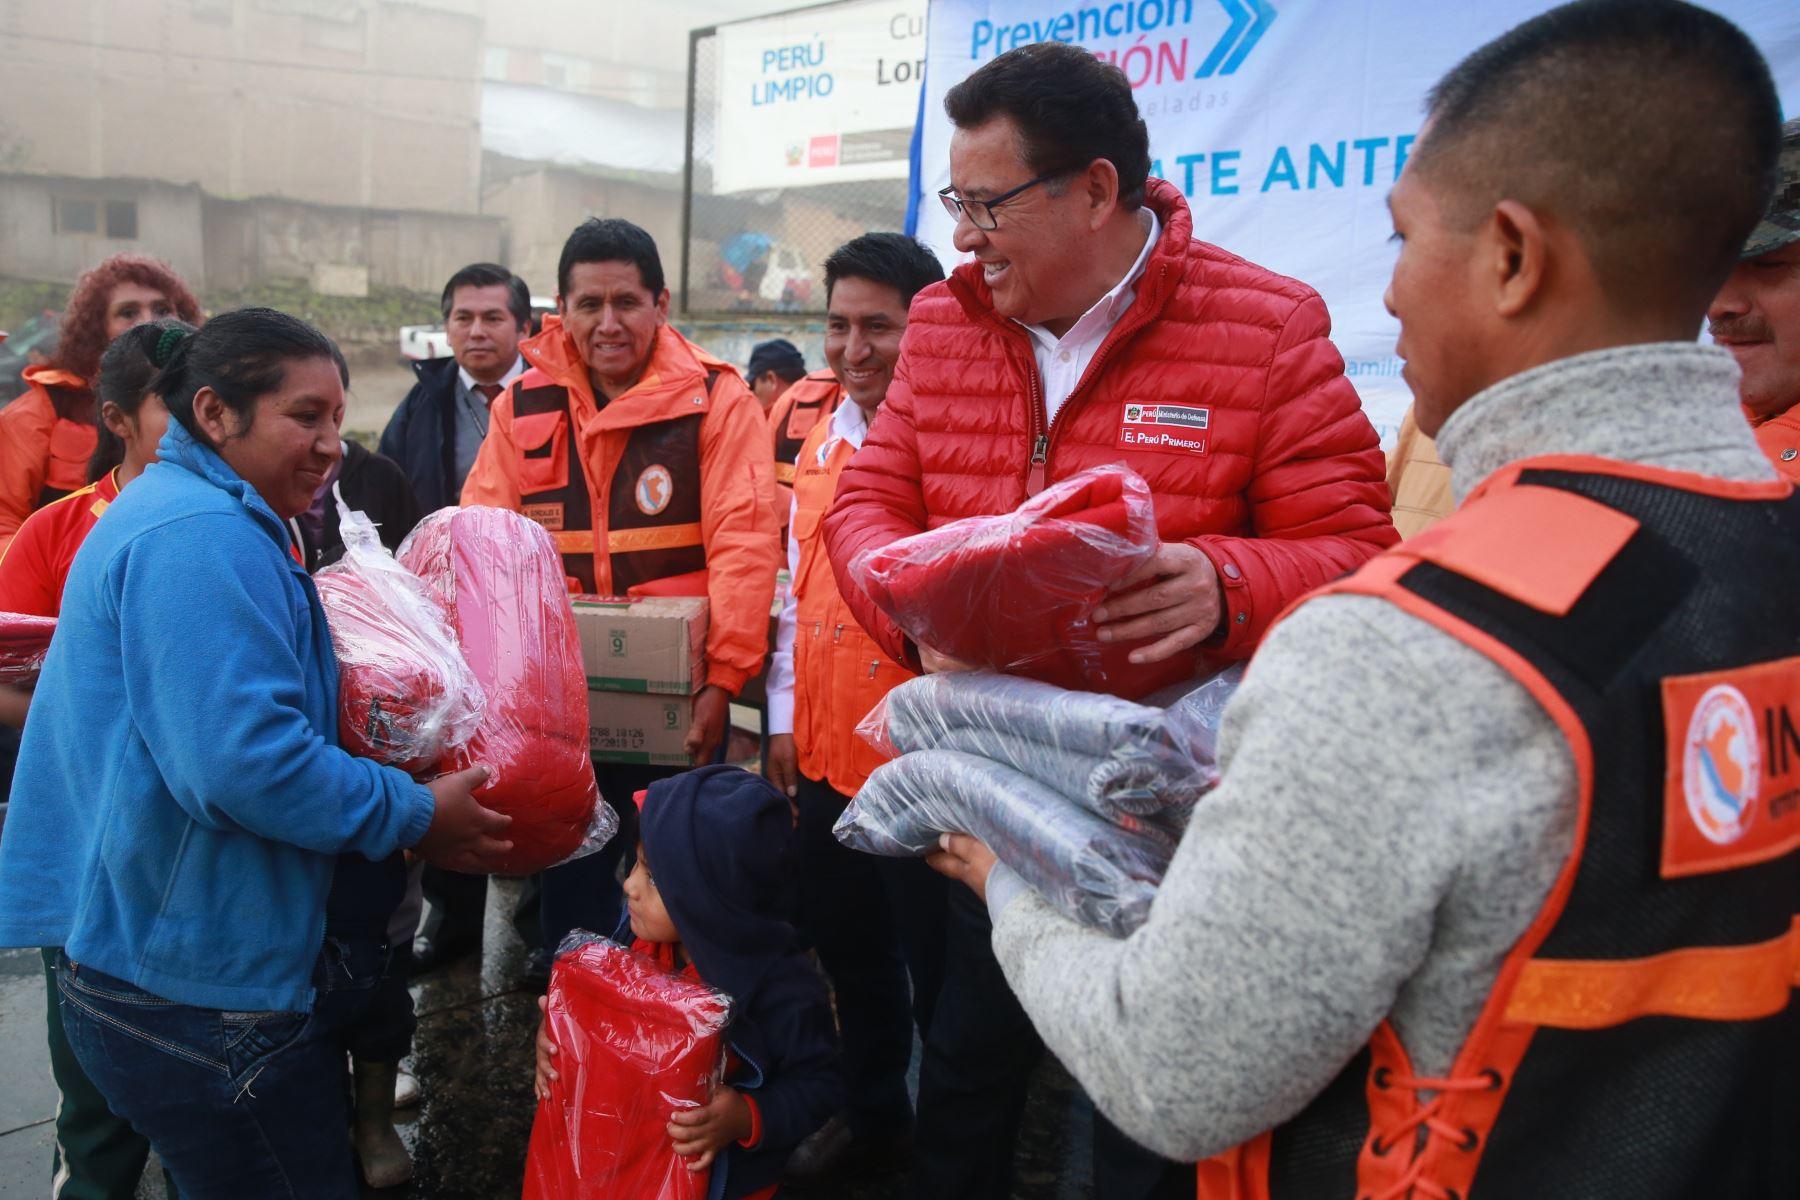 Ministro de defensa José Huerta Torres, supervisa entrega de bienes de ayuda humanitaria para la población de extrema pobreza afectada por la baja temperatura en zonas altas del Distrito de Villa Maria del Triunfo. Foto: ANDINA/Vidal Tarqui